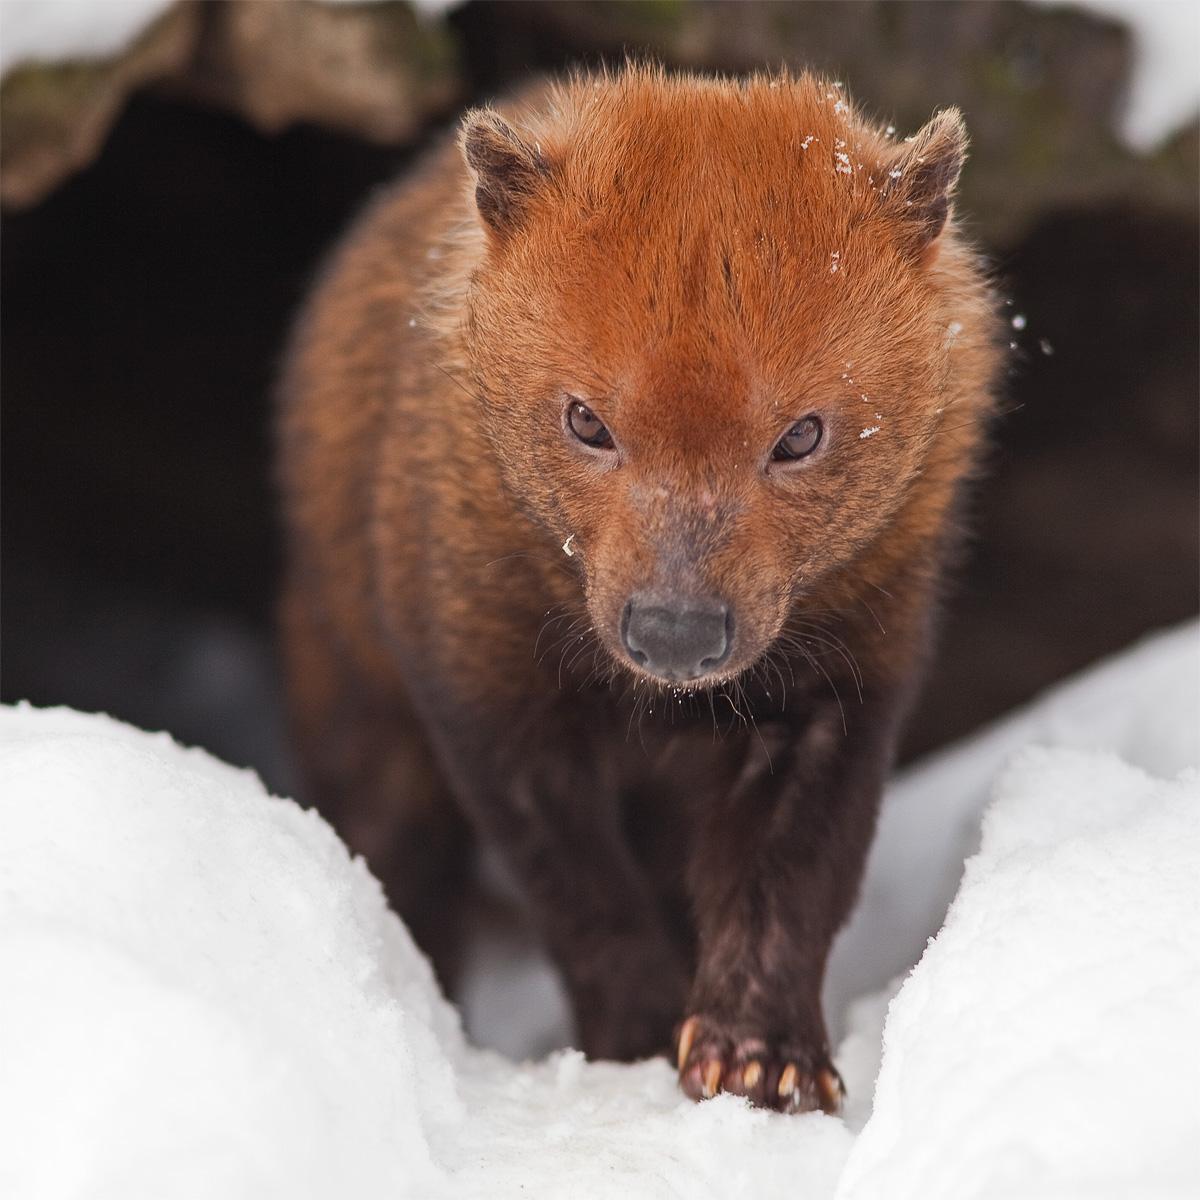 В Новосибирский зоопарк привезли собаку, которую считали вымершим видом